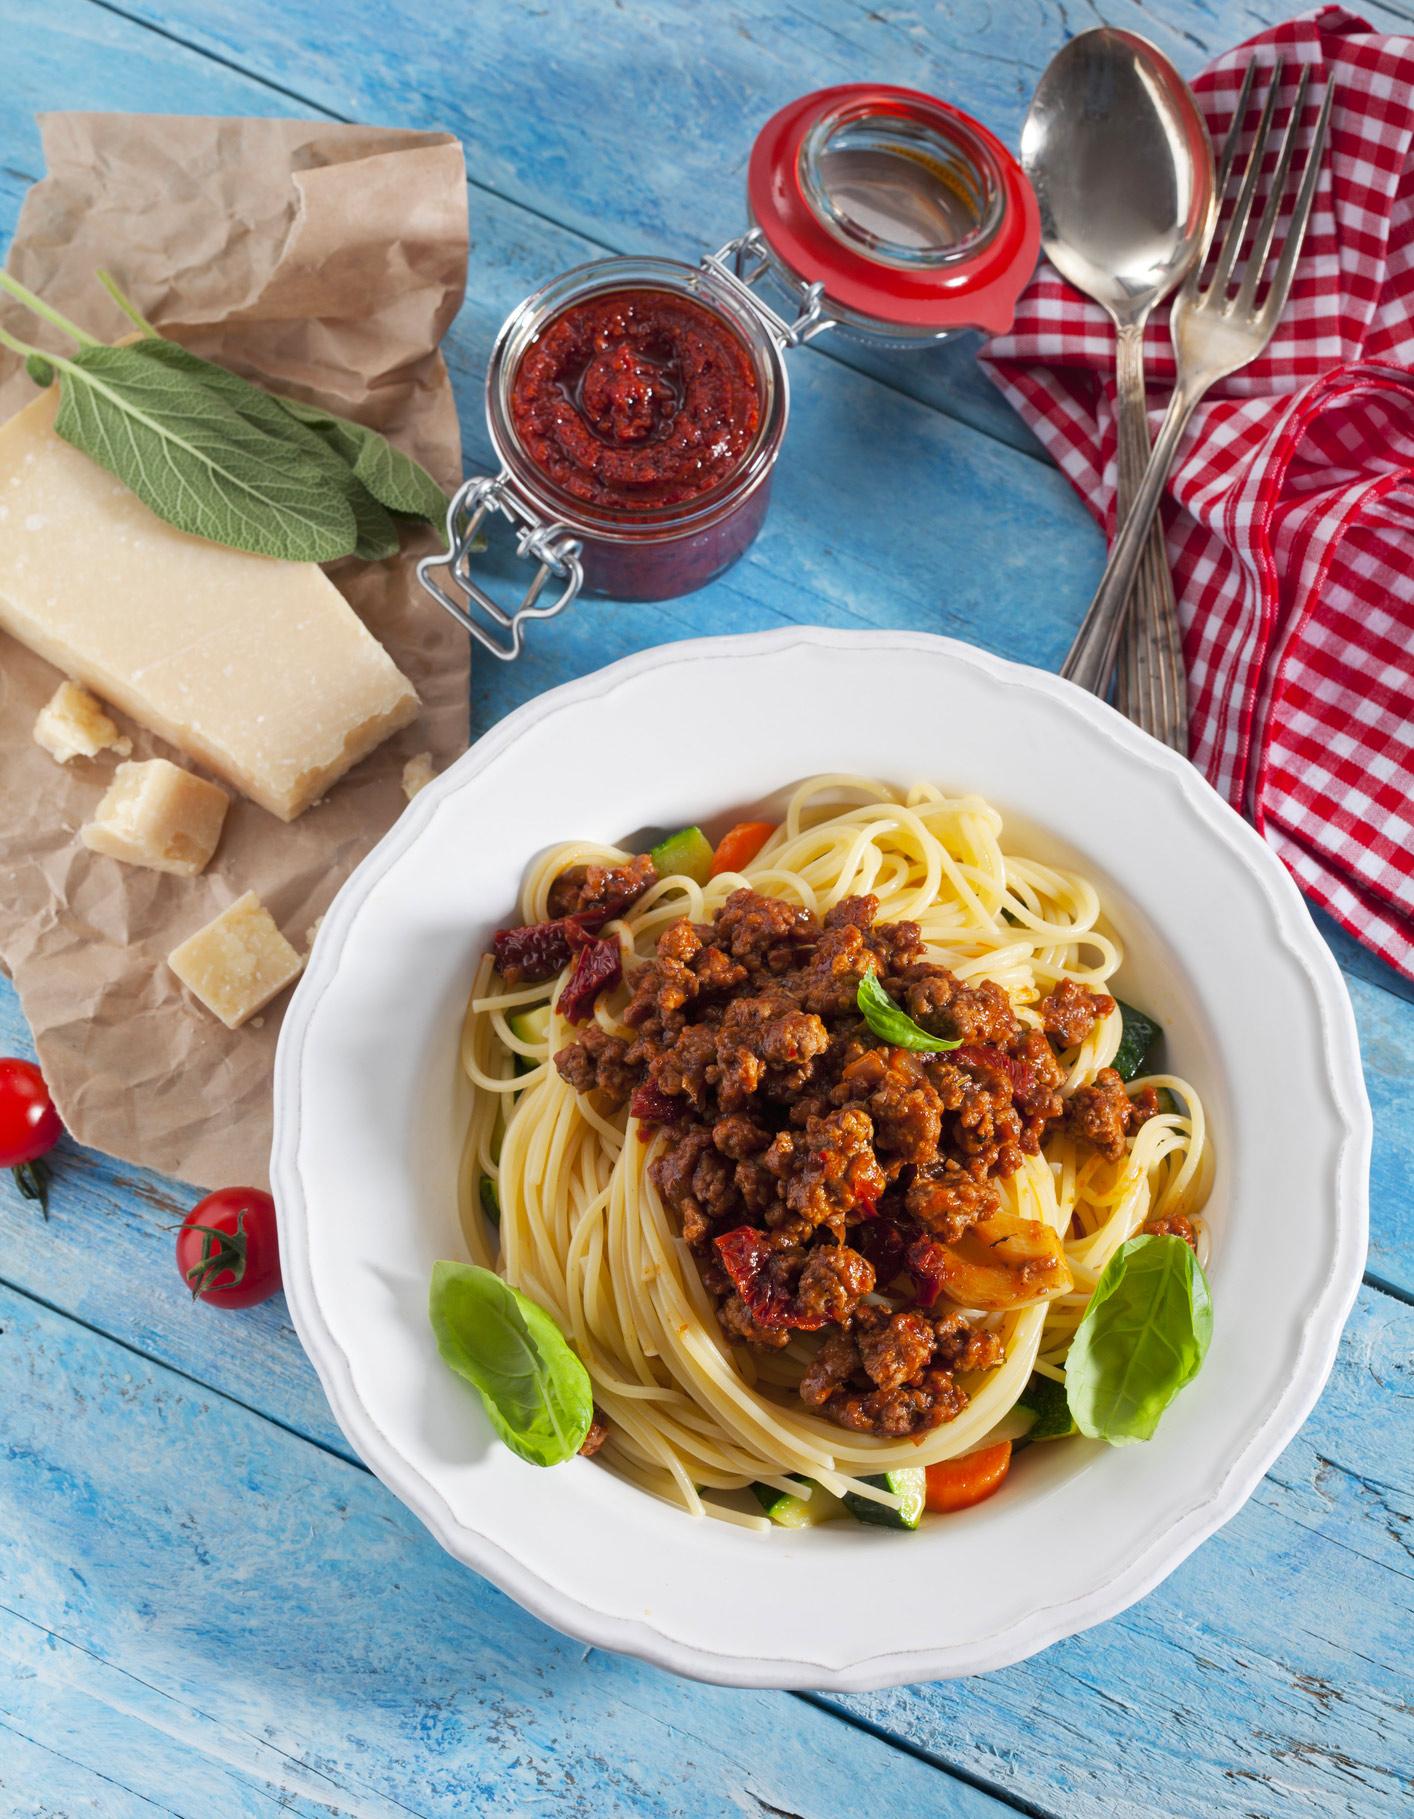 Combien spaghetti pour 2 personnes